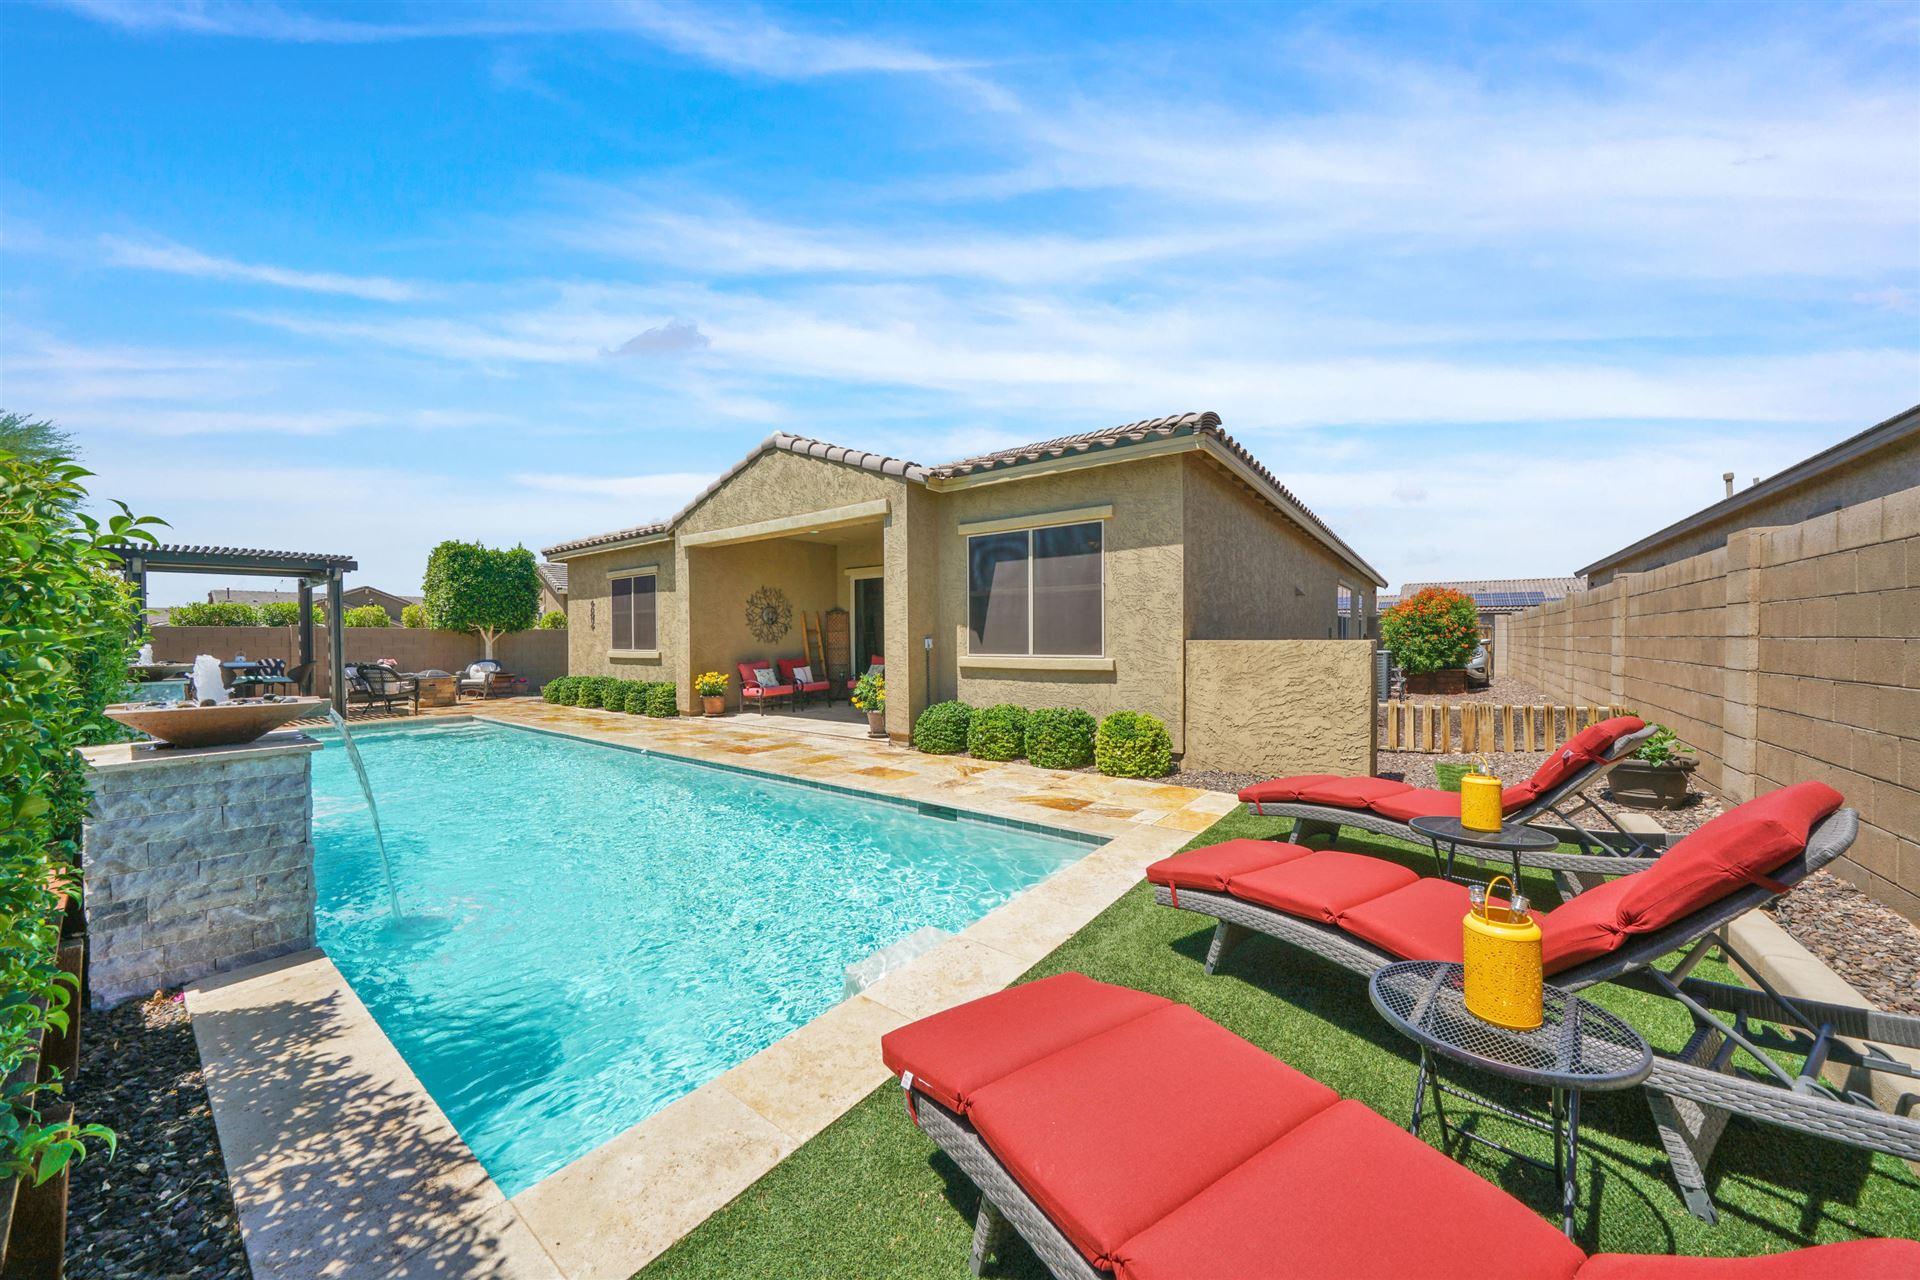 29725 N 118TH Drive, Peoria, AZ 85383 - MLS#: 6234517